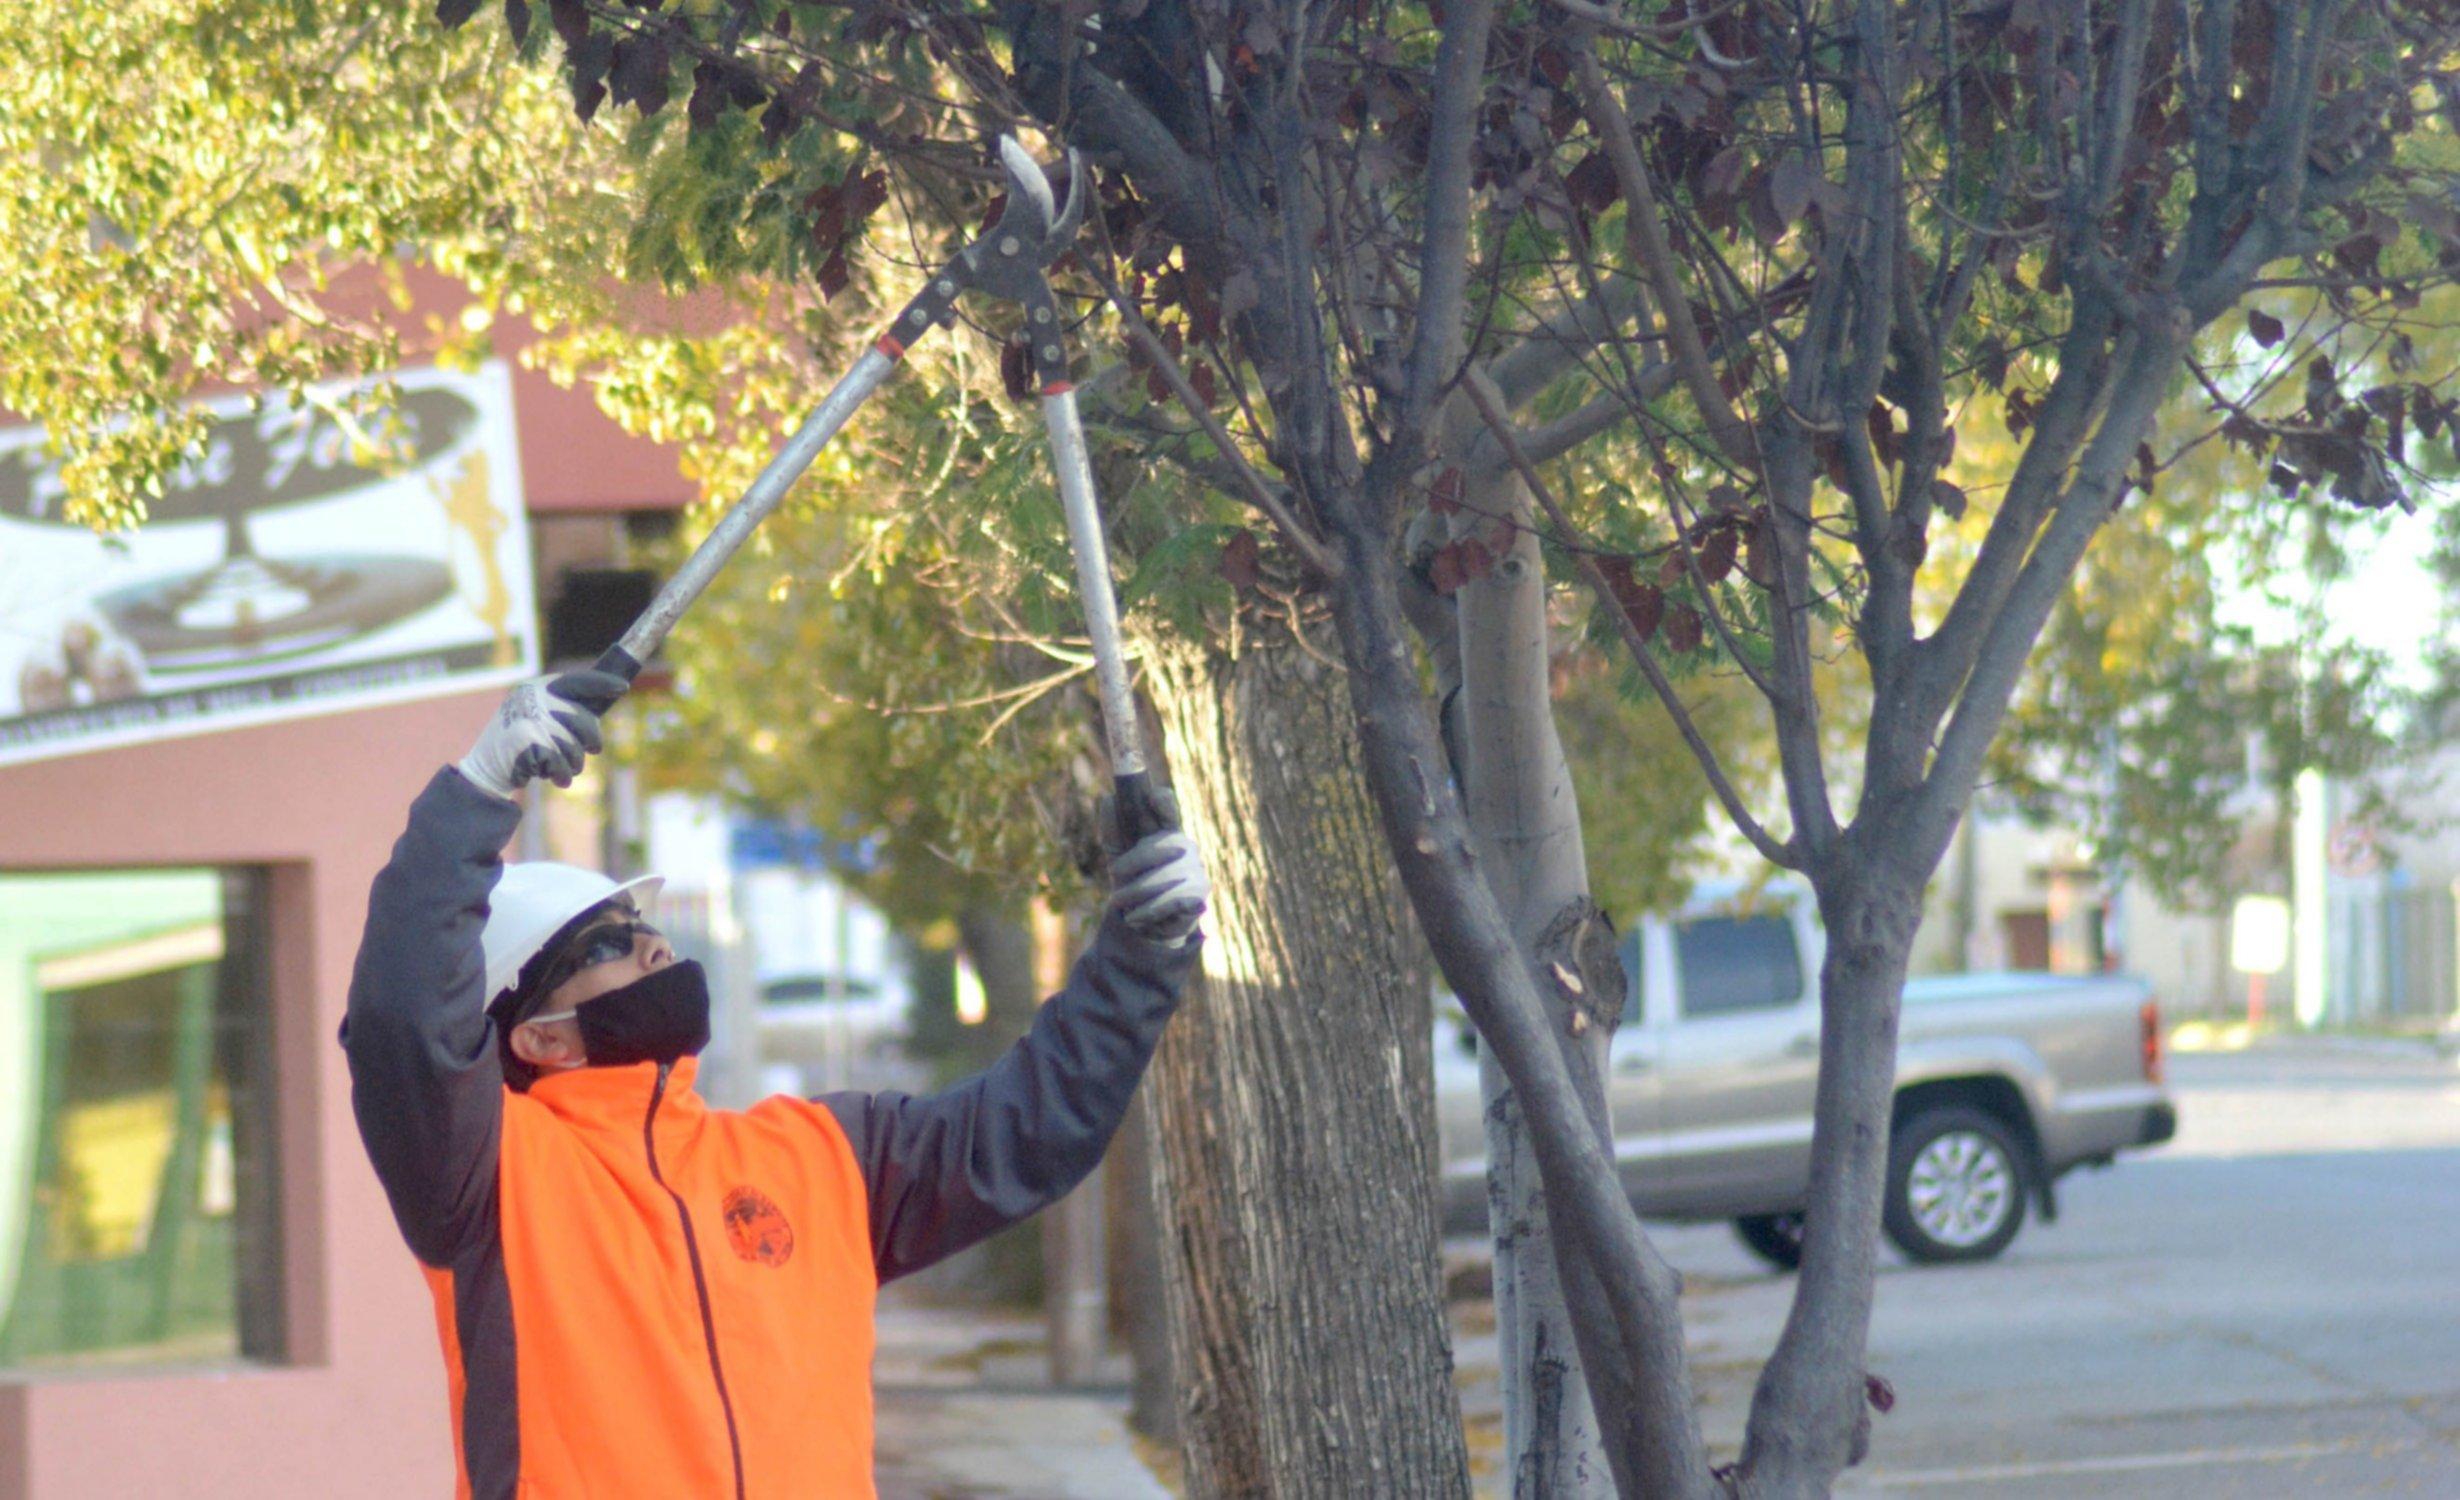 Atención vecinos: el municipio recuerda que no se puede podar o quitar árboles sin la autorización respectiva